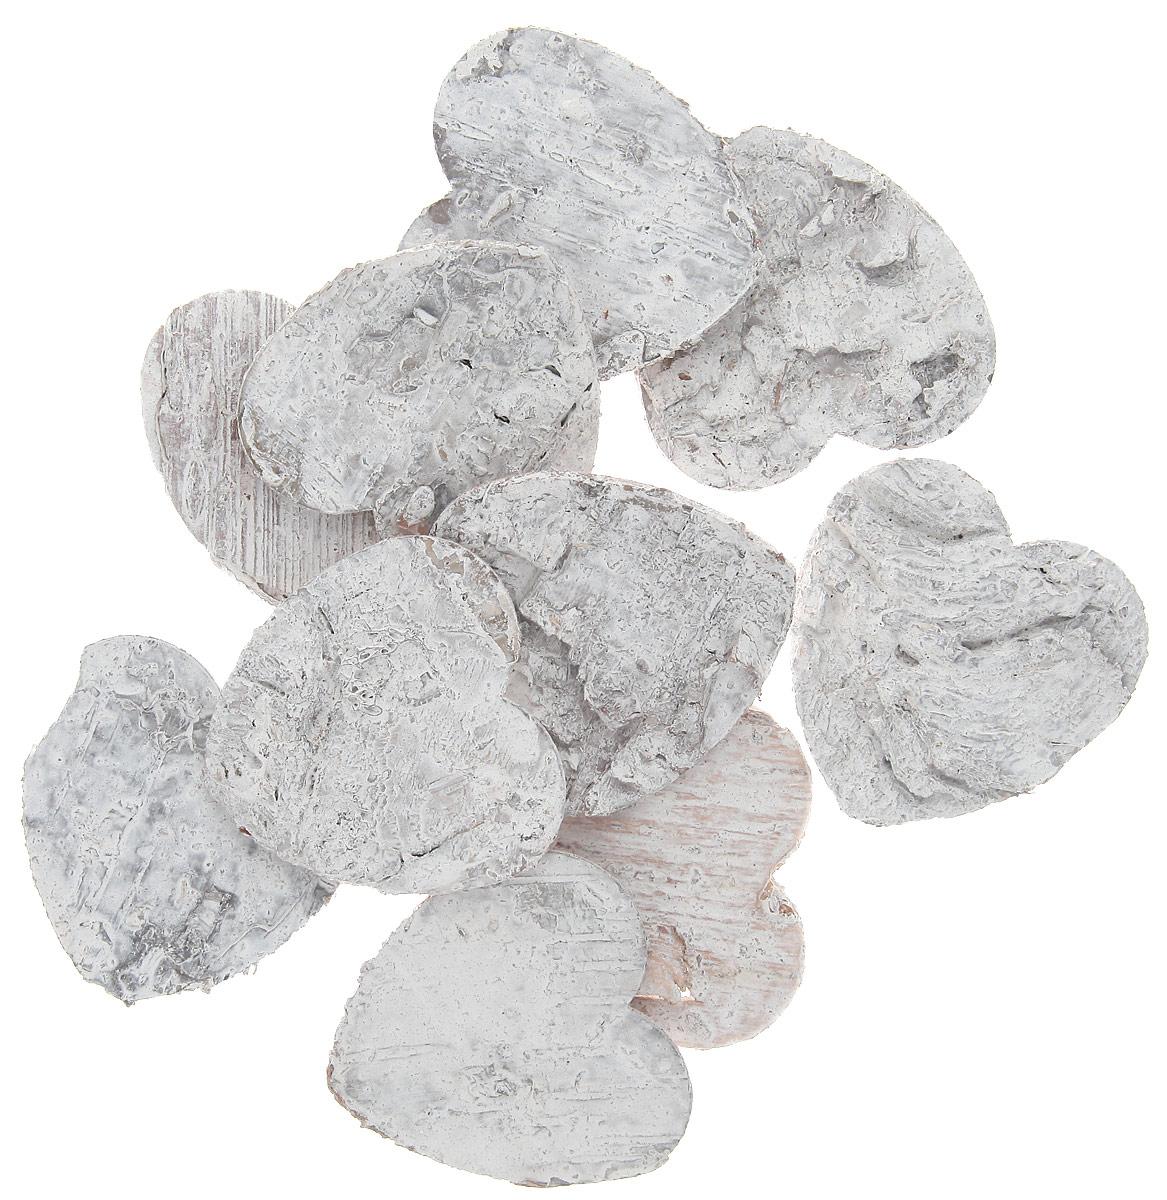 Декоративный элемент Dongjiang Art Сердце, цвет: белый, 10 шт7709004_белыйДекоративный элемент Dongjiang Art Сердце, изготовленный из натуральной коры дерева, предназначен для украшения цветочных композиций. Изделие можно также использовать в технике скрапбукинг и многом другом. Флористика - вид декоративно-прикладного искусства, который использует живые, засушенные или консервированные природные материалы для создания флористических работ. Это целый мир, в котором есть место и строгому математическому расчету, и вдохновению. Размер одного элемента: 5 см х 5 см.